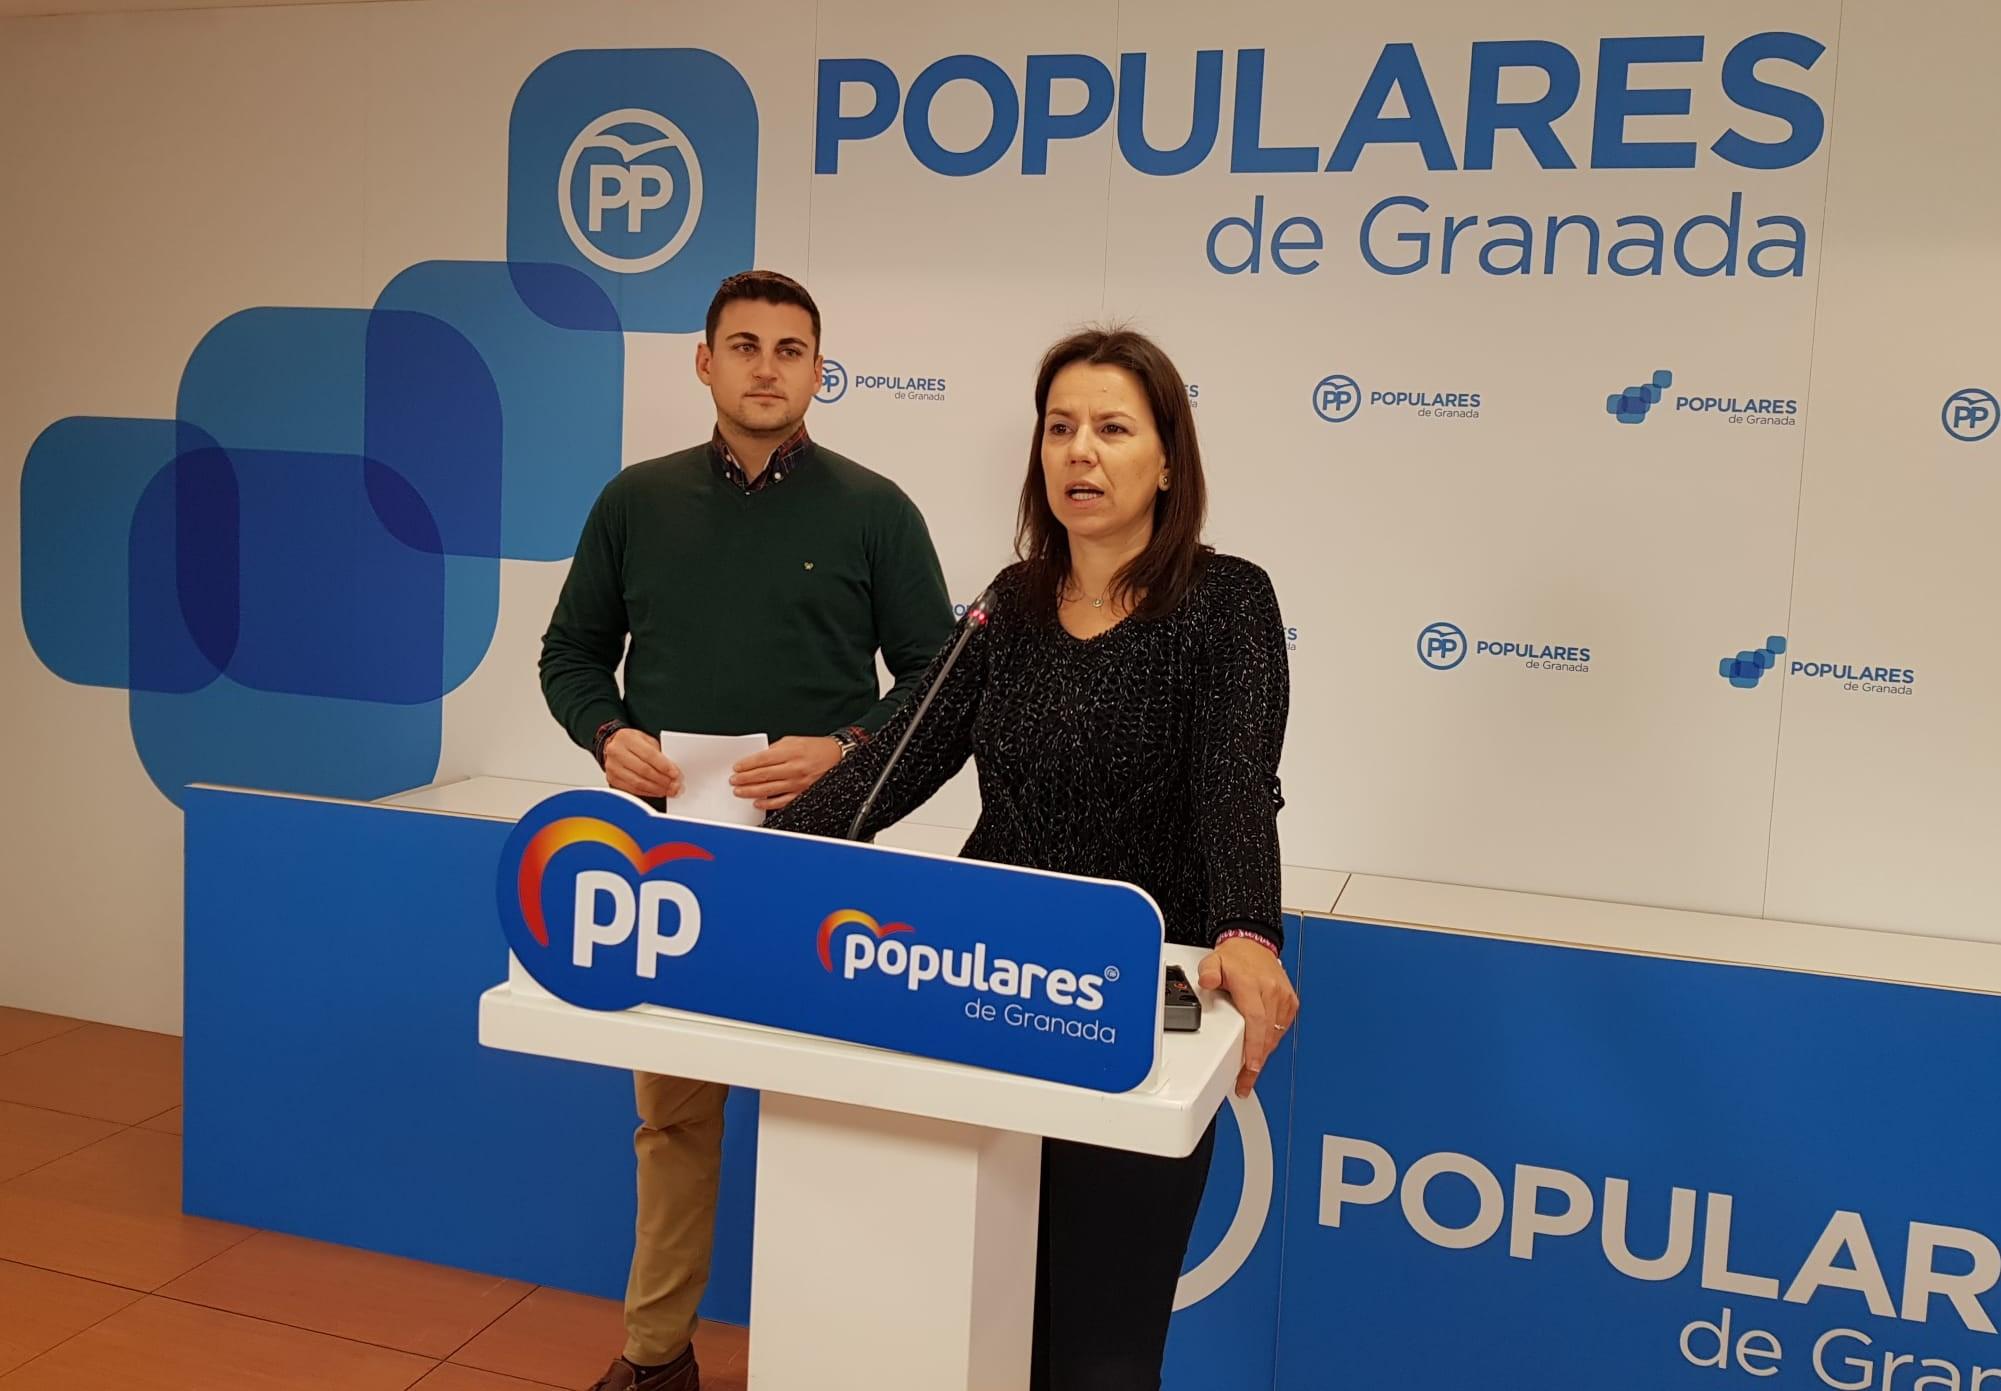 El PP destaca la reactivación de las políticas de empleo en Andalucía